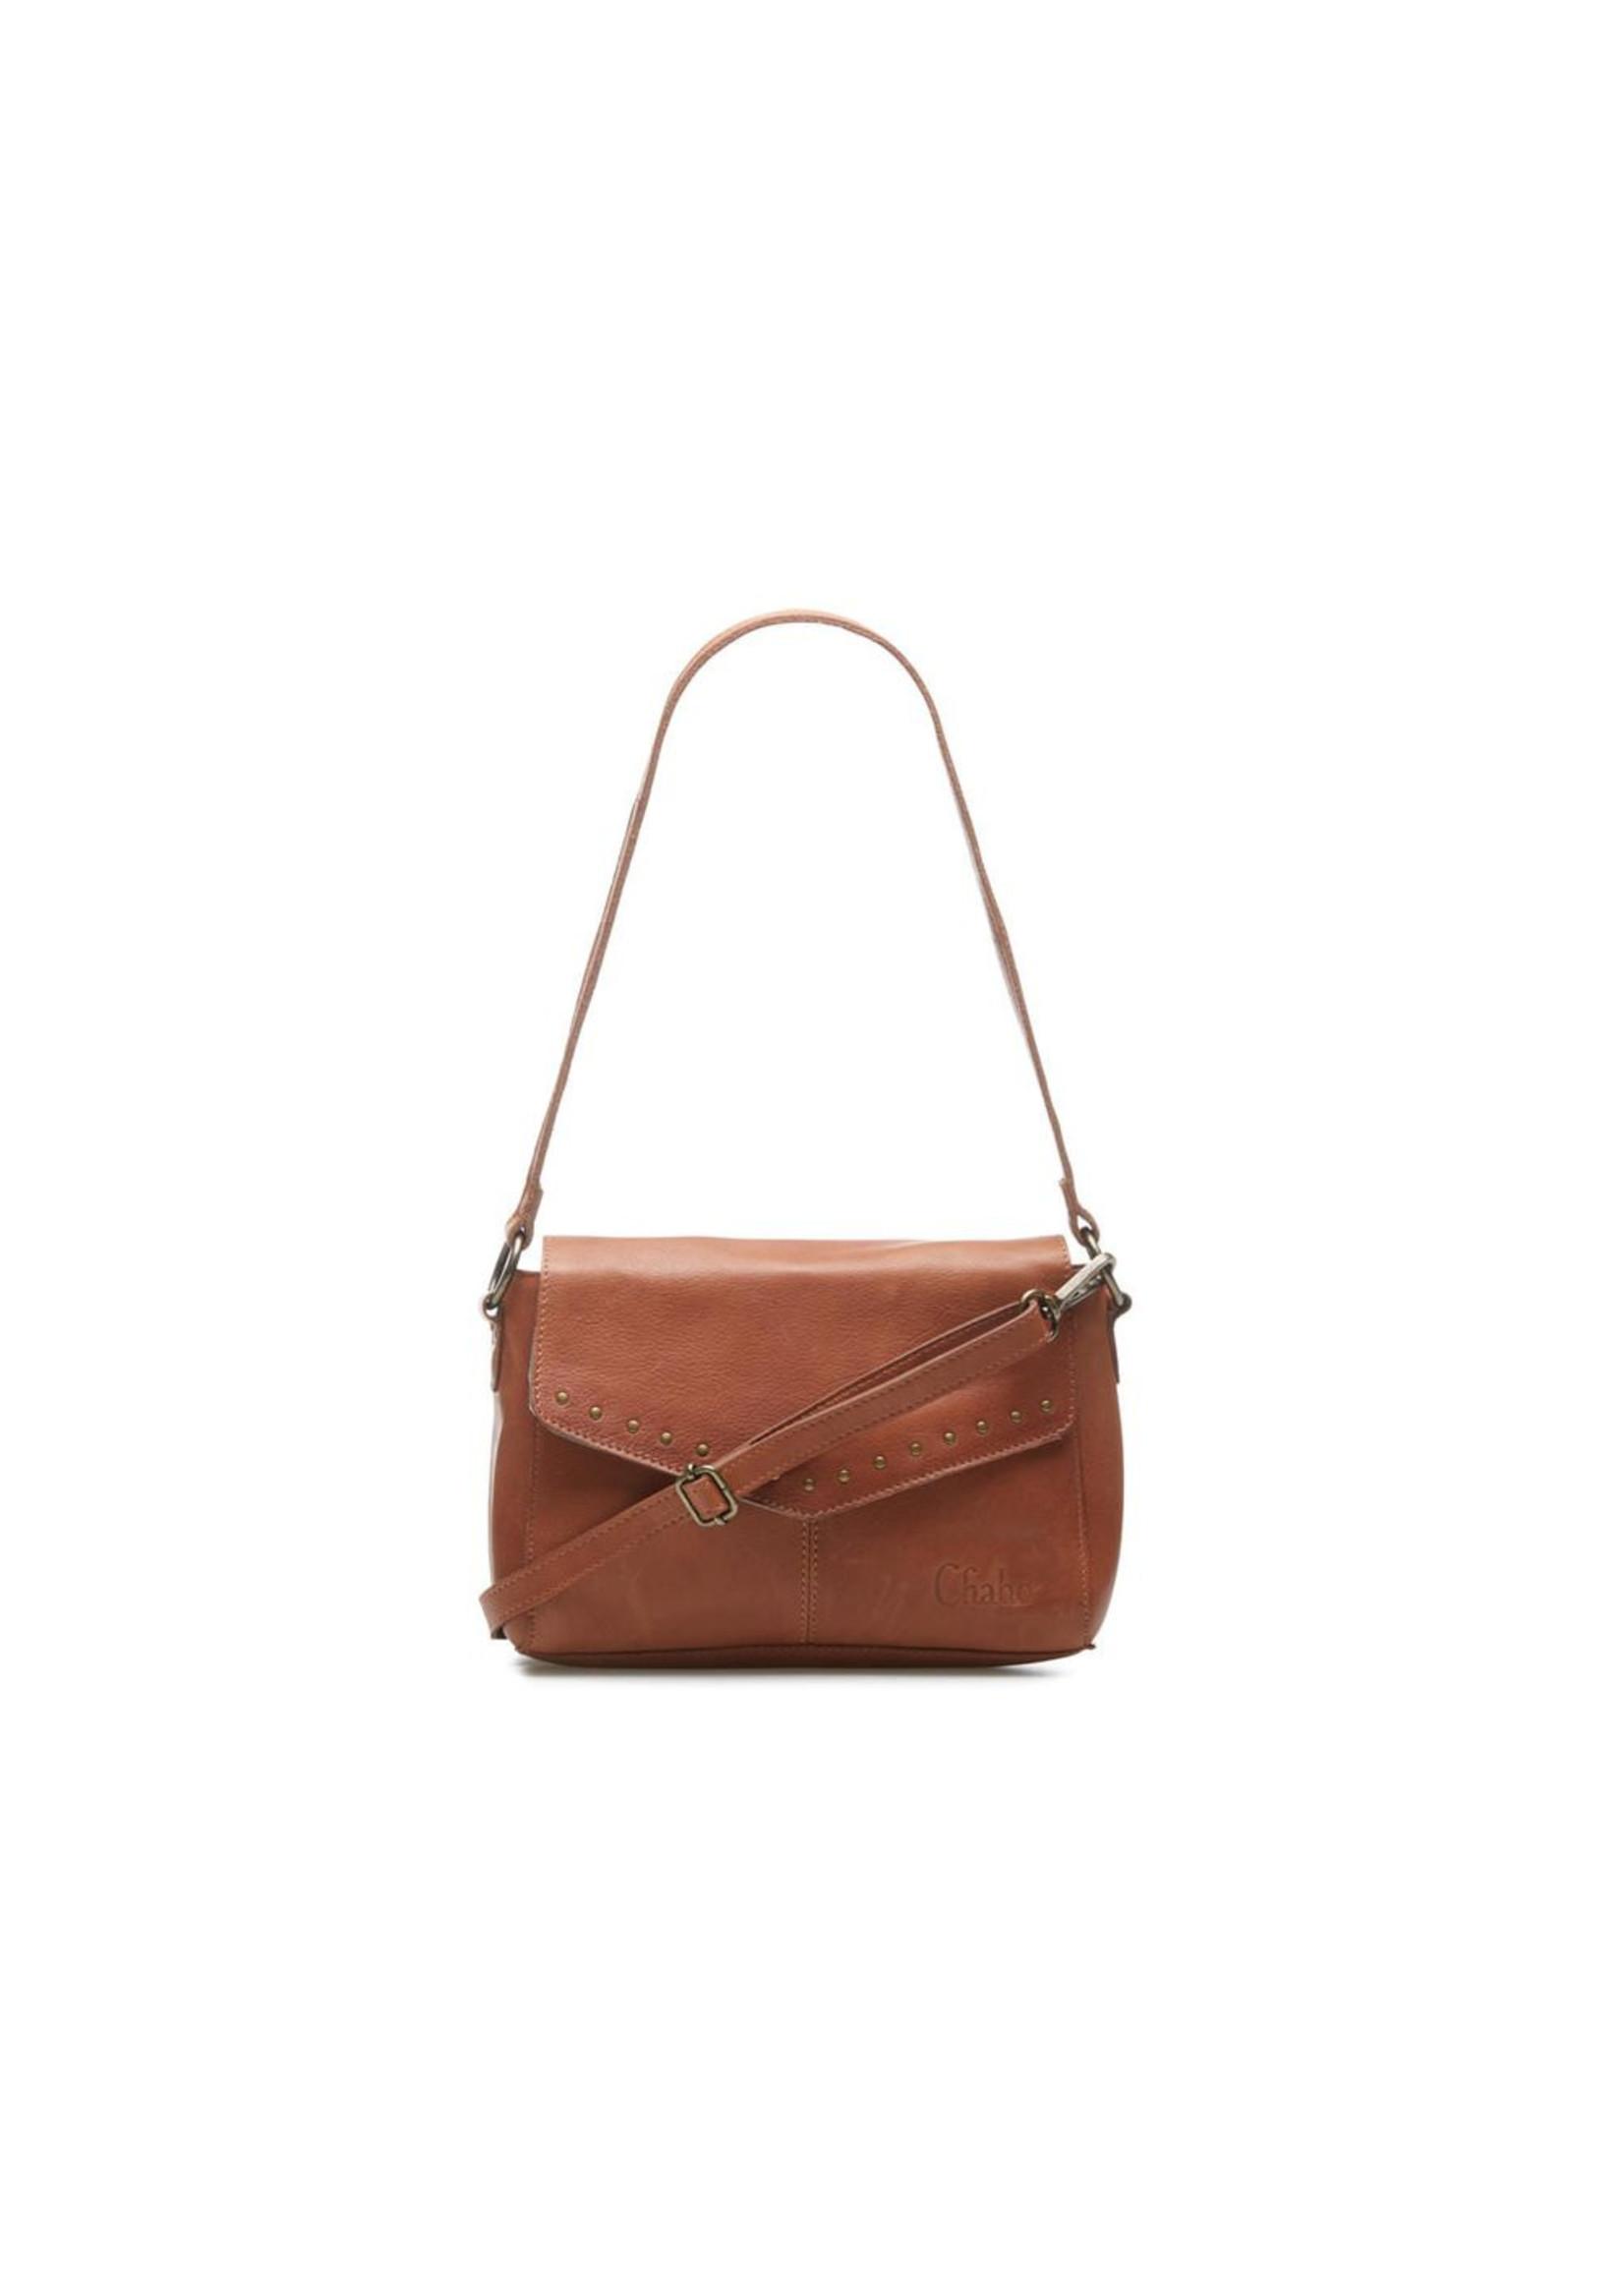 Chabo Bags Susy Studs Medium Fashion Bag Camel